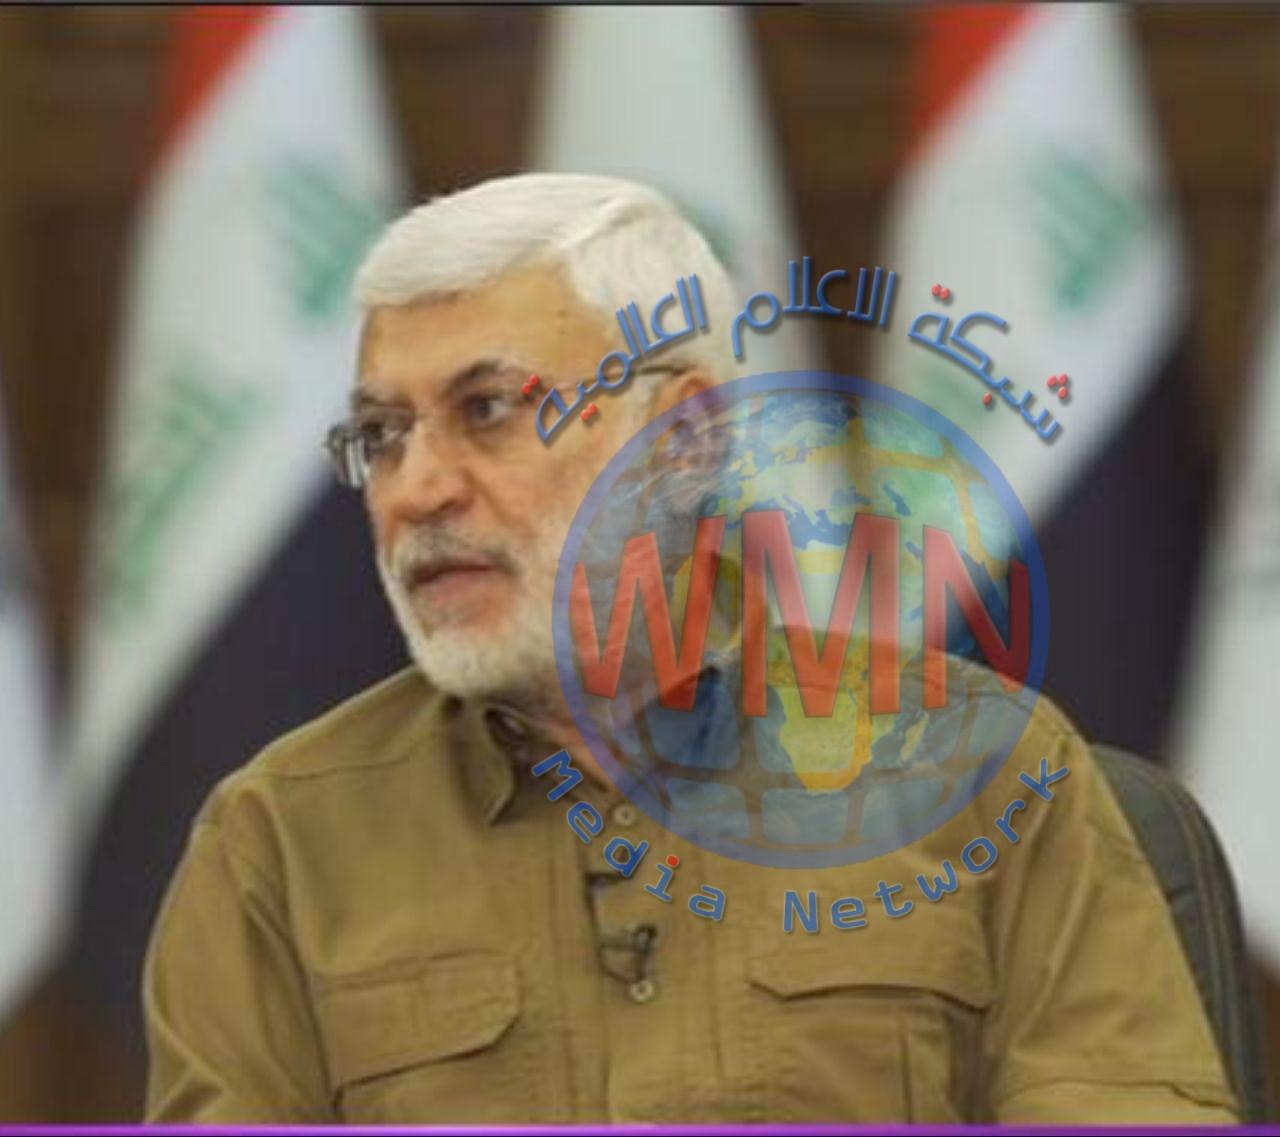 أبو مهدي المهندس: نأمل تلبية مطالب الناس في القضاء على الفساد وحل مشاكلهم المعيشية